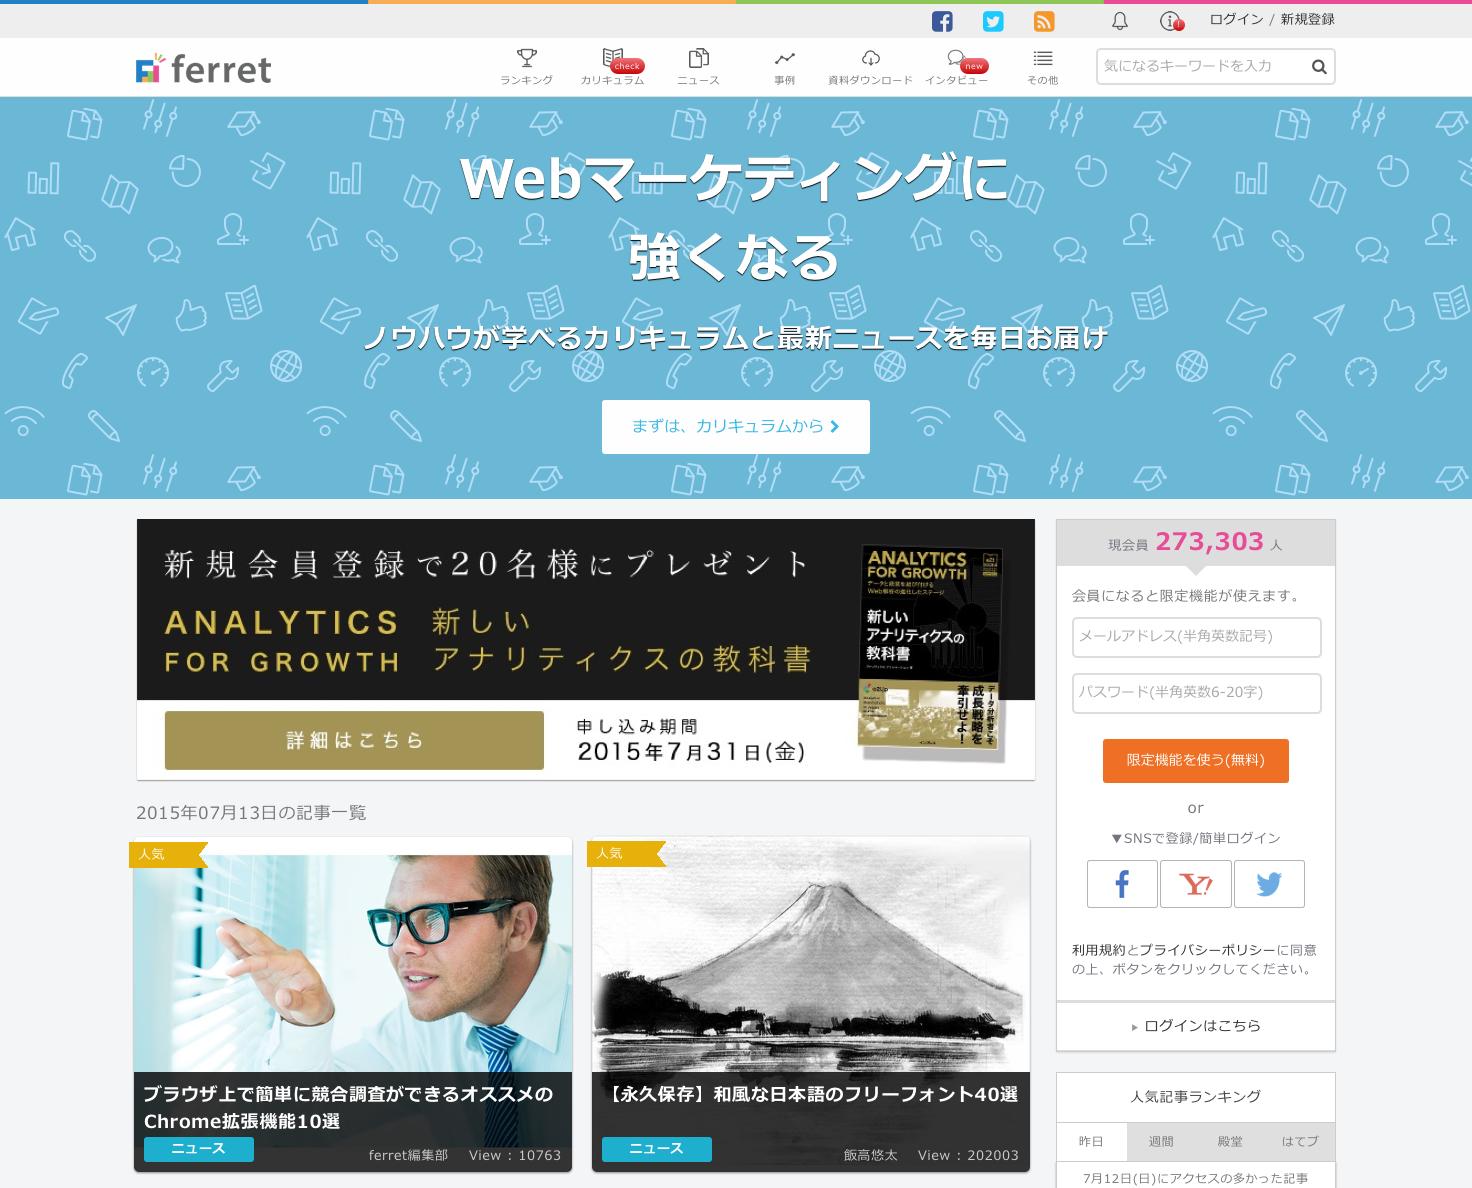 ferret-[フェレット]|webマーケティングがわかる・できる・がんばれる